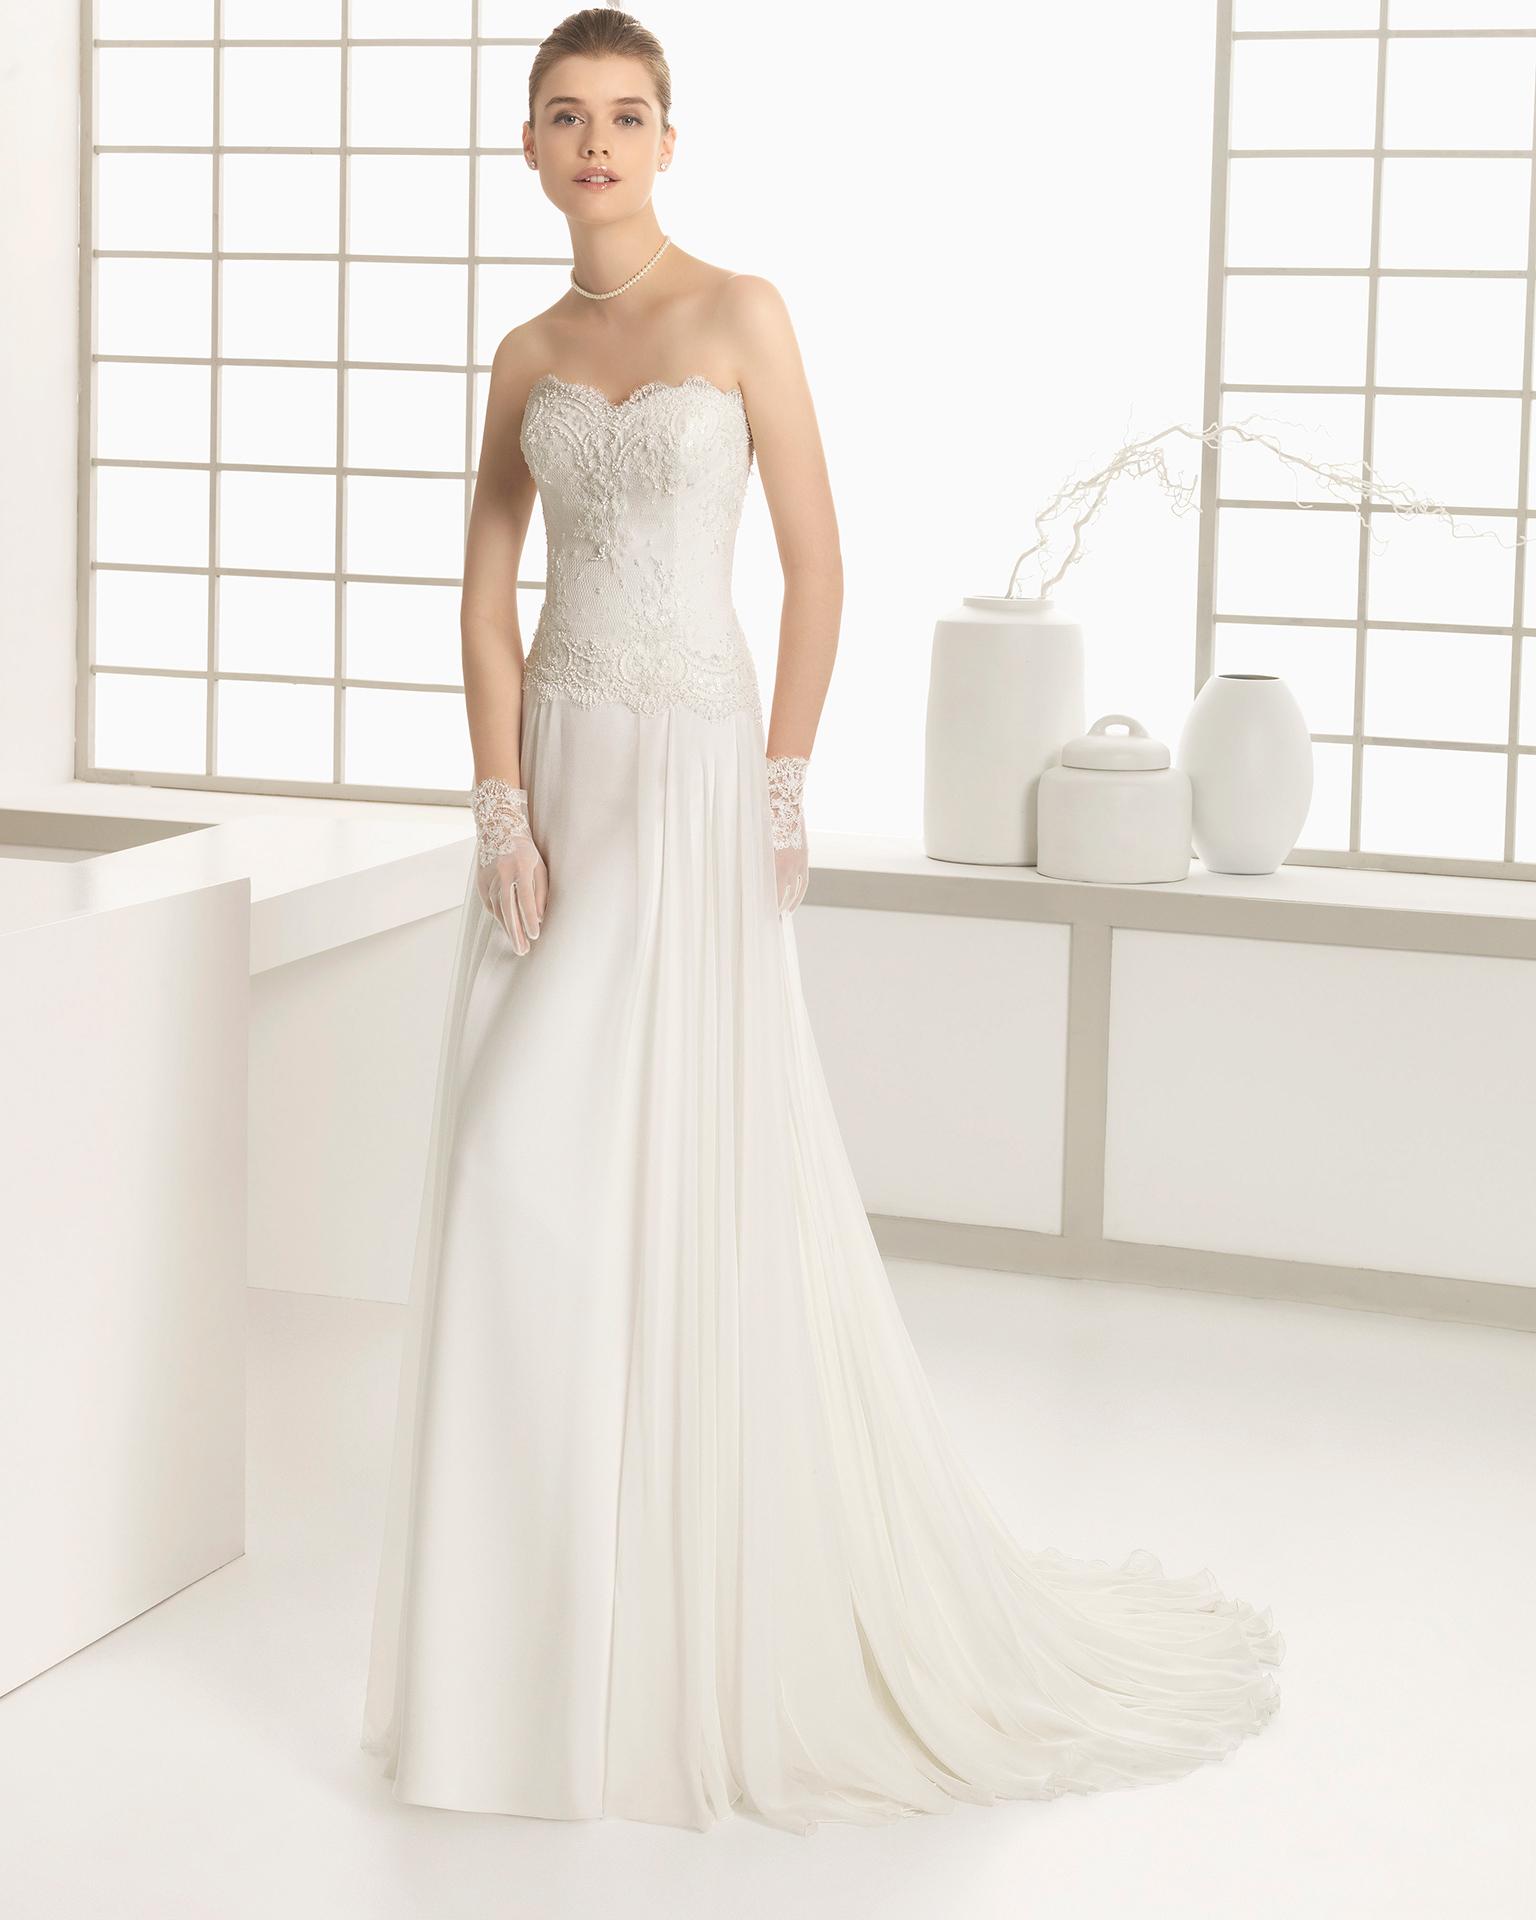 ecff29ebfc945 اللون الابيض يمكن ان يكون فستان خطوبة رائع او فستان حفل زفاف او داخلة رائع  لسنة